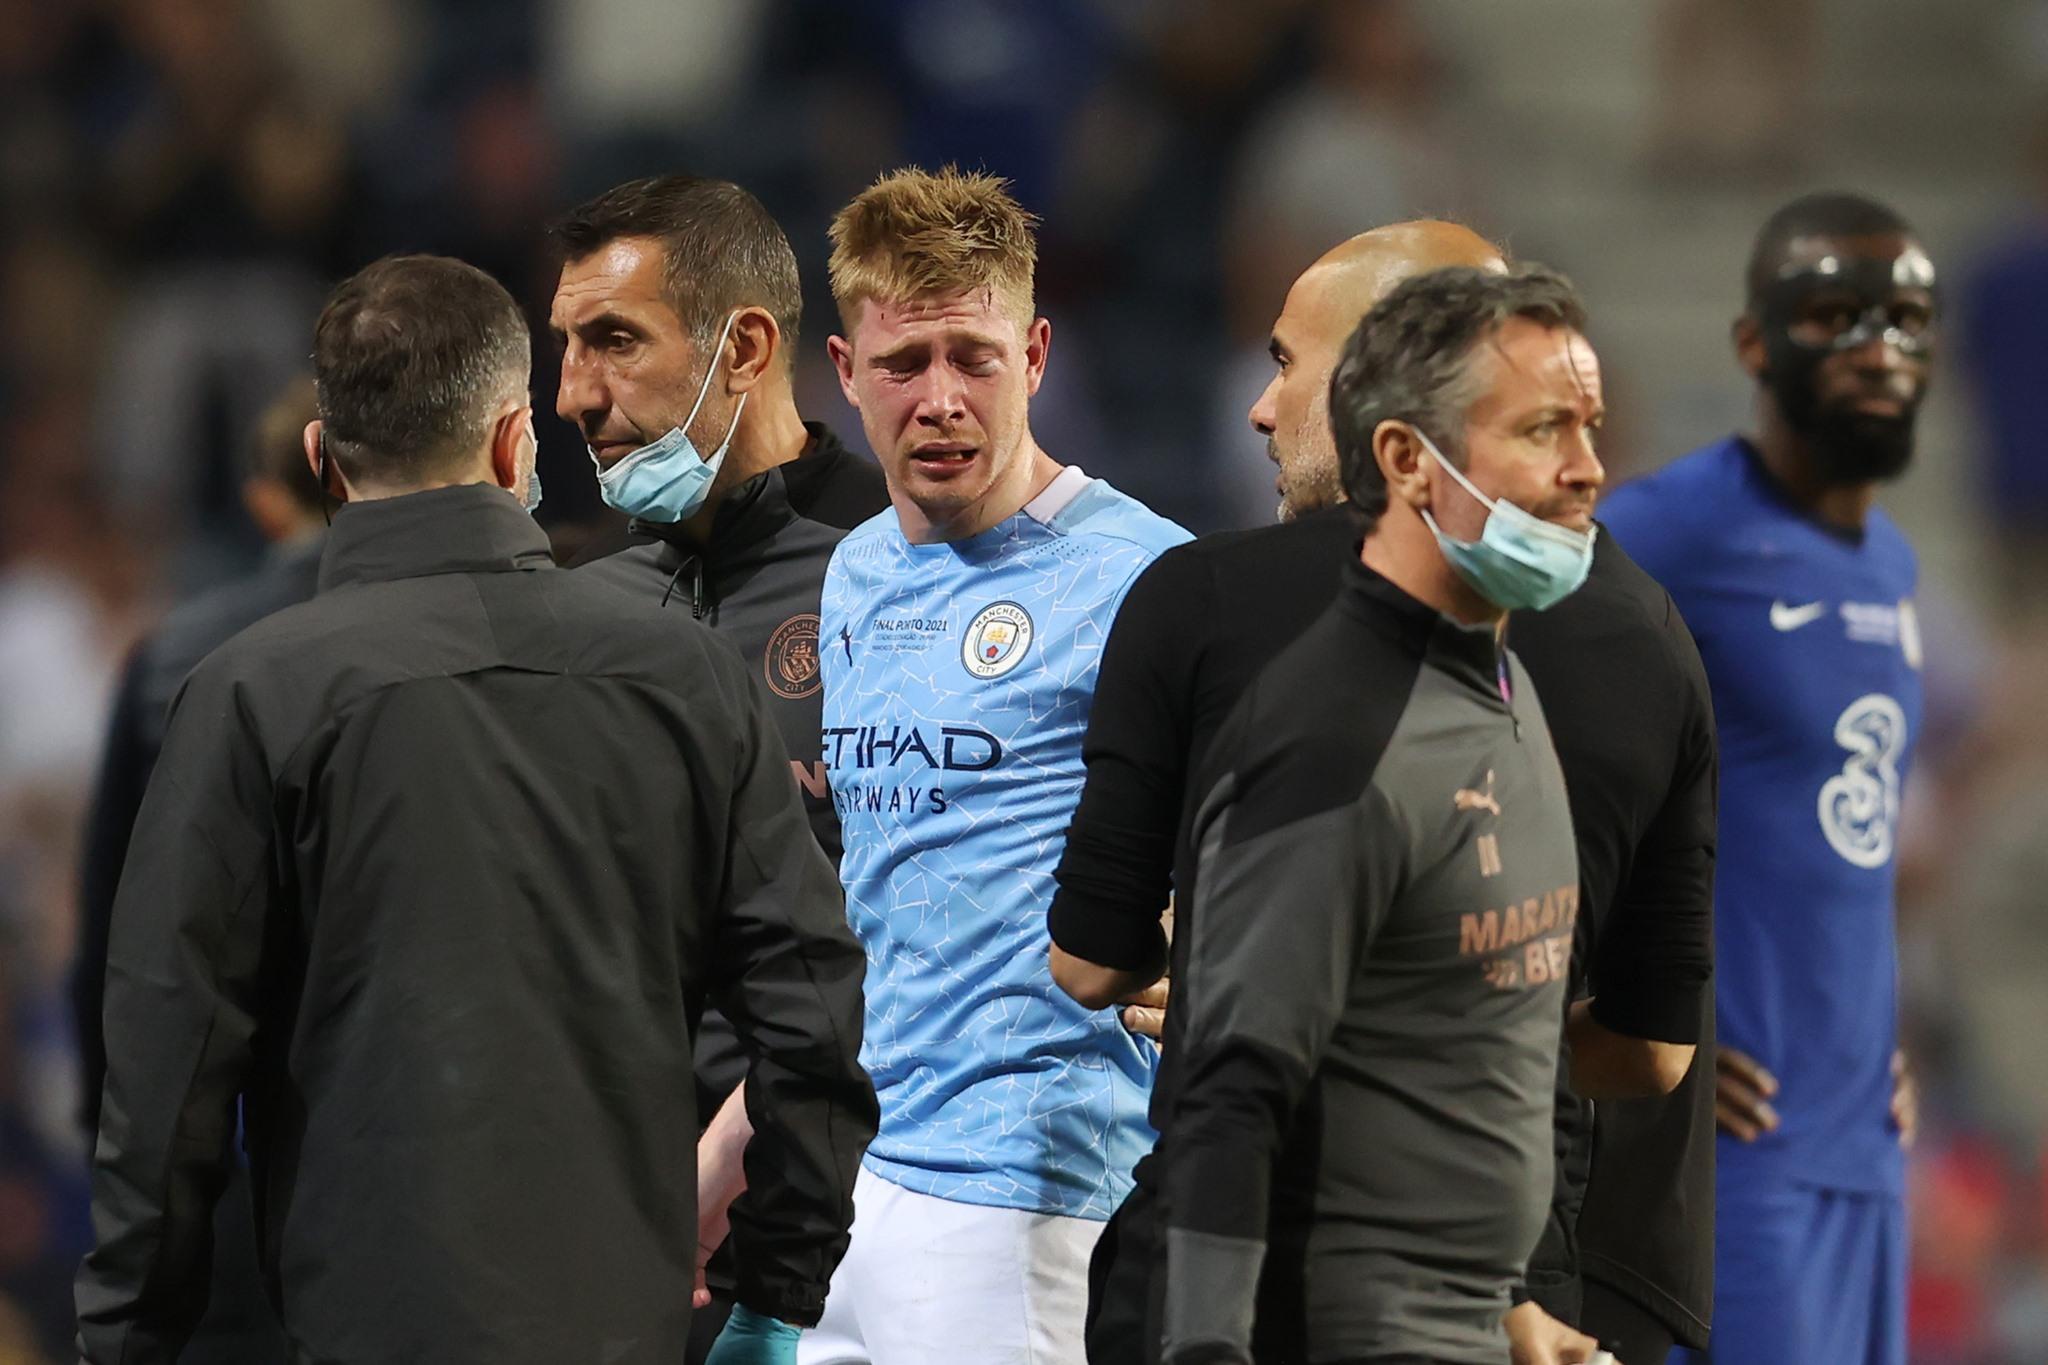 دي بروين يعاني من كسرين في الوجه